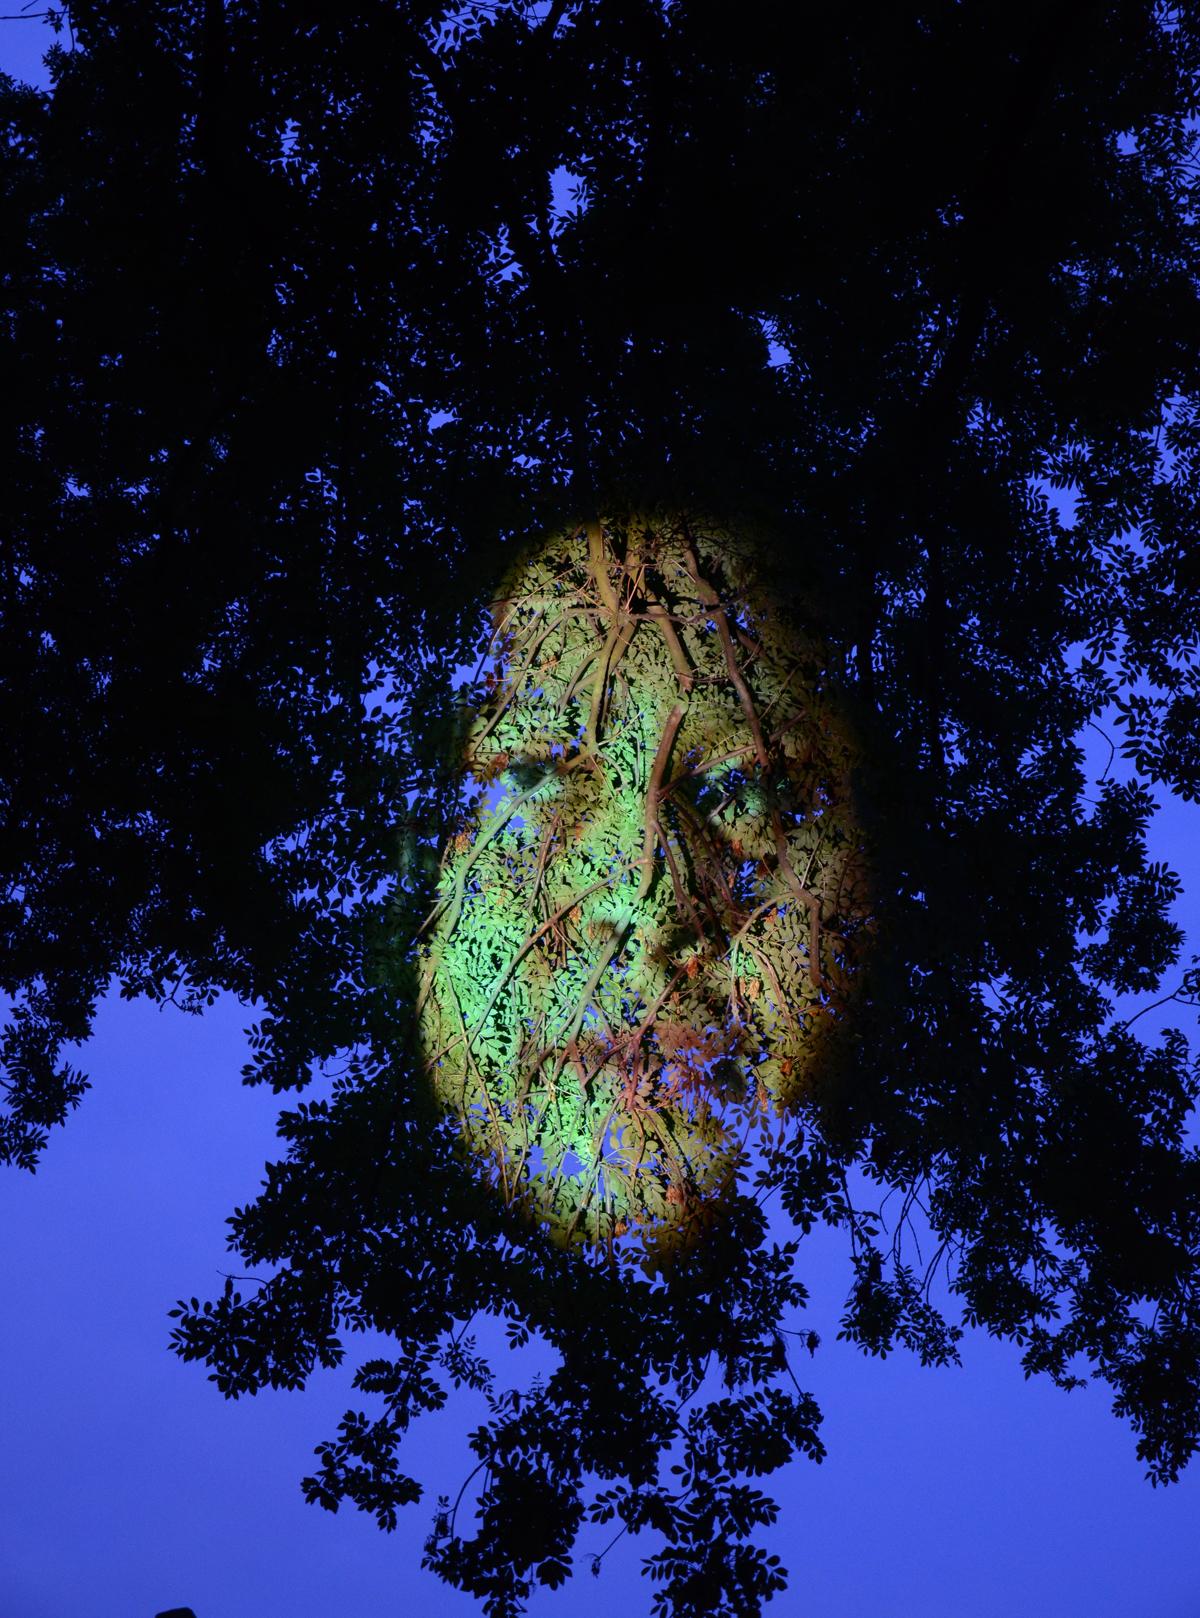 tree face branch.jpg